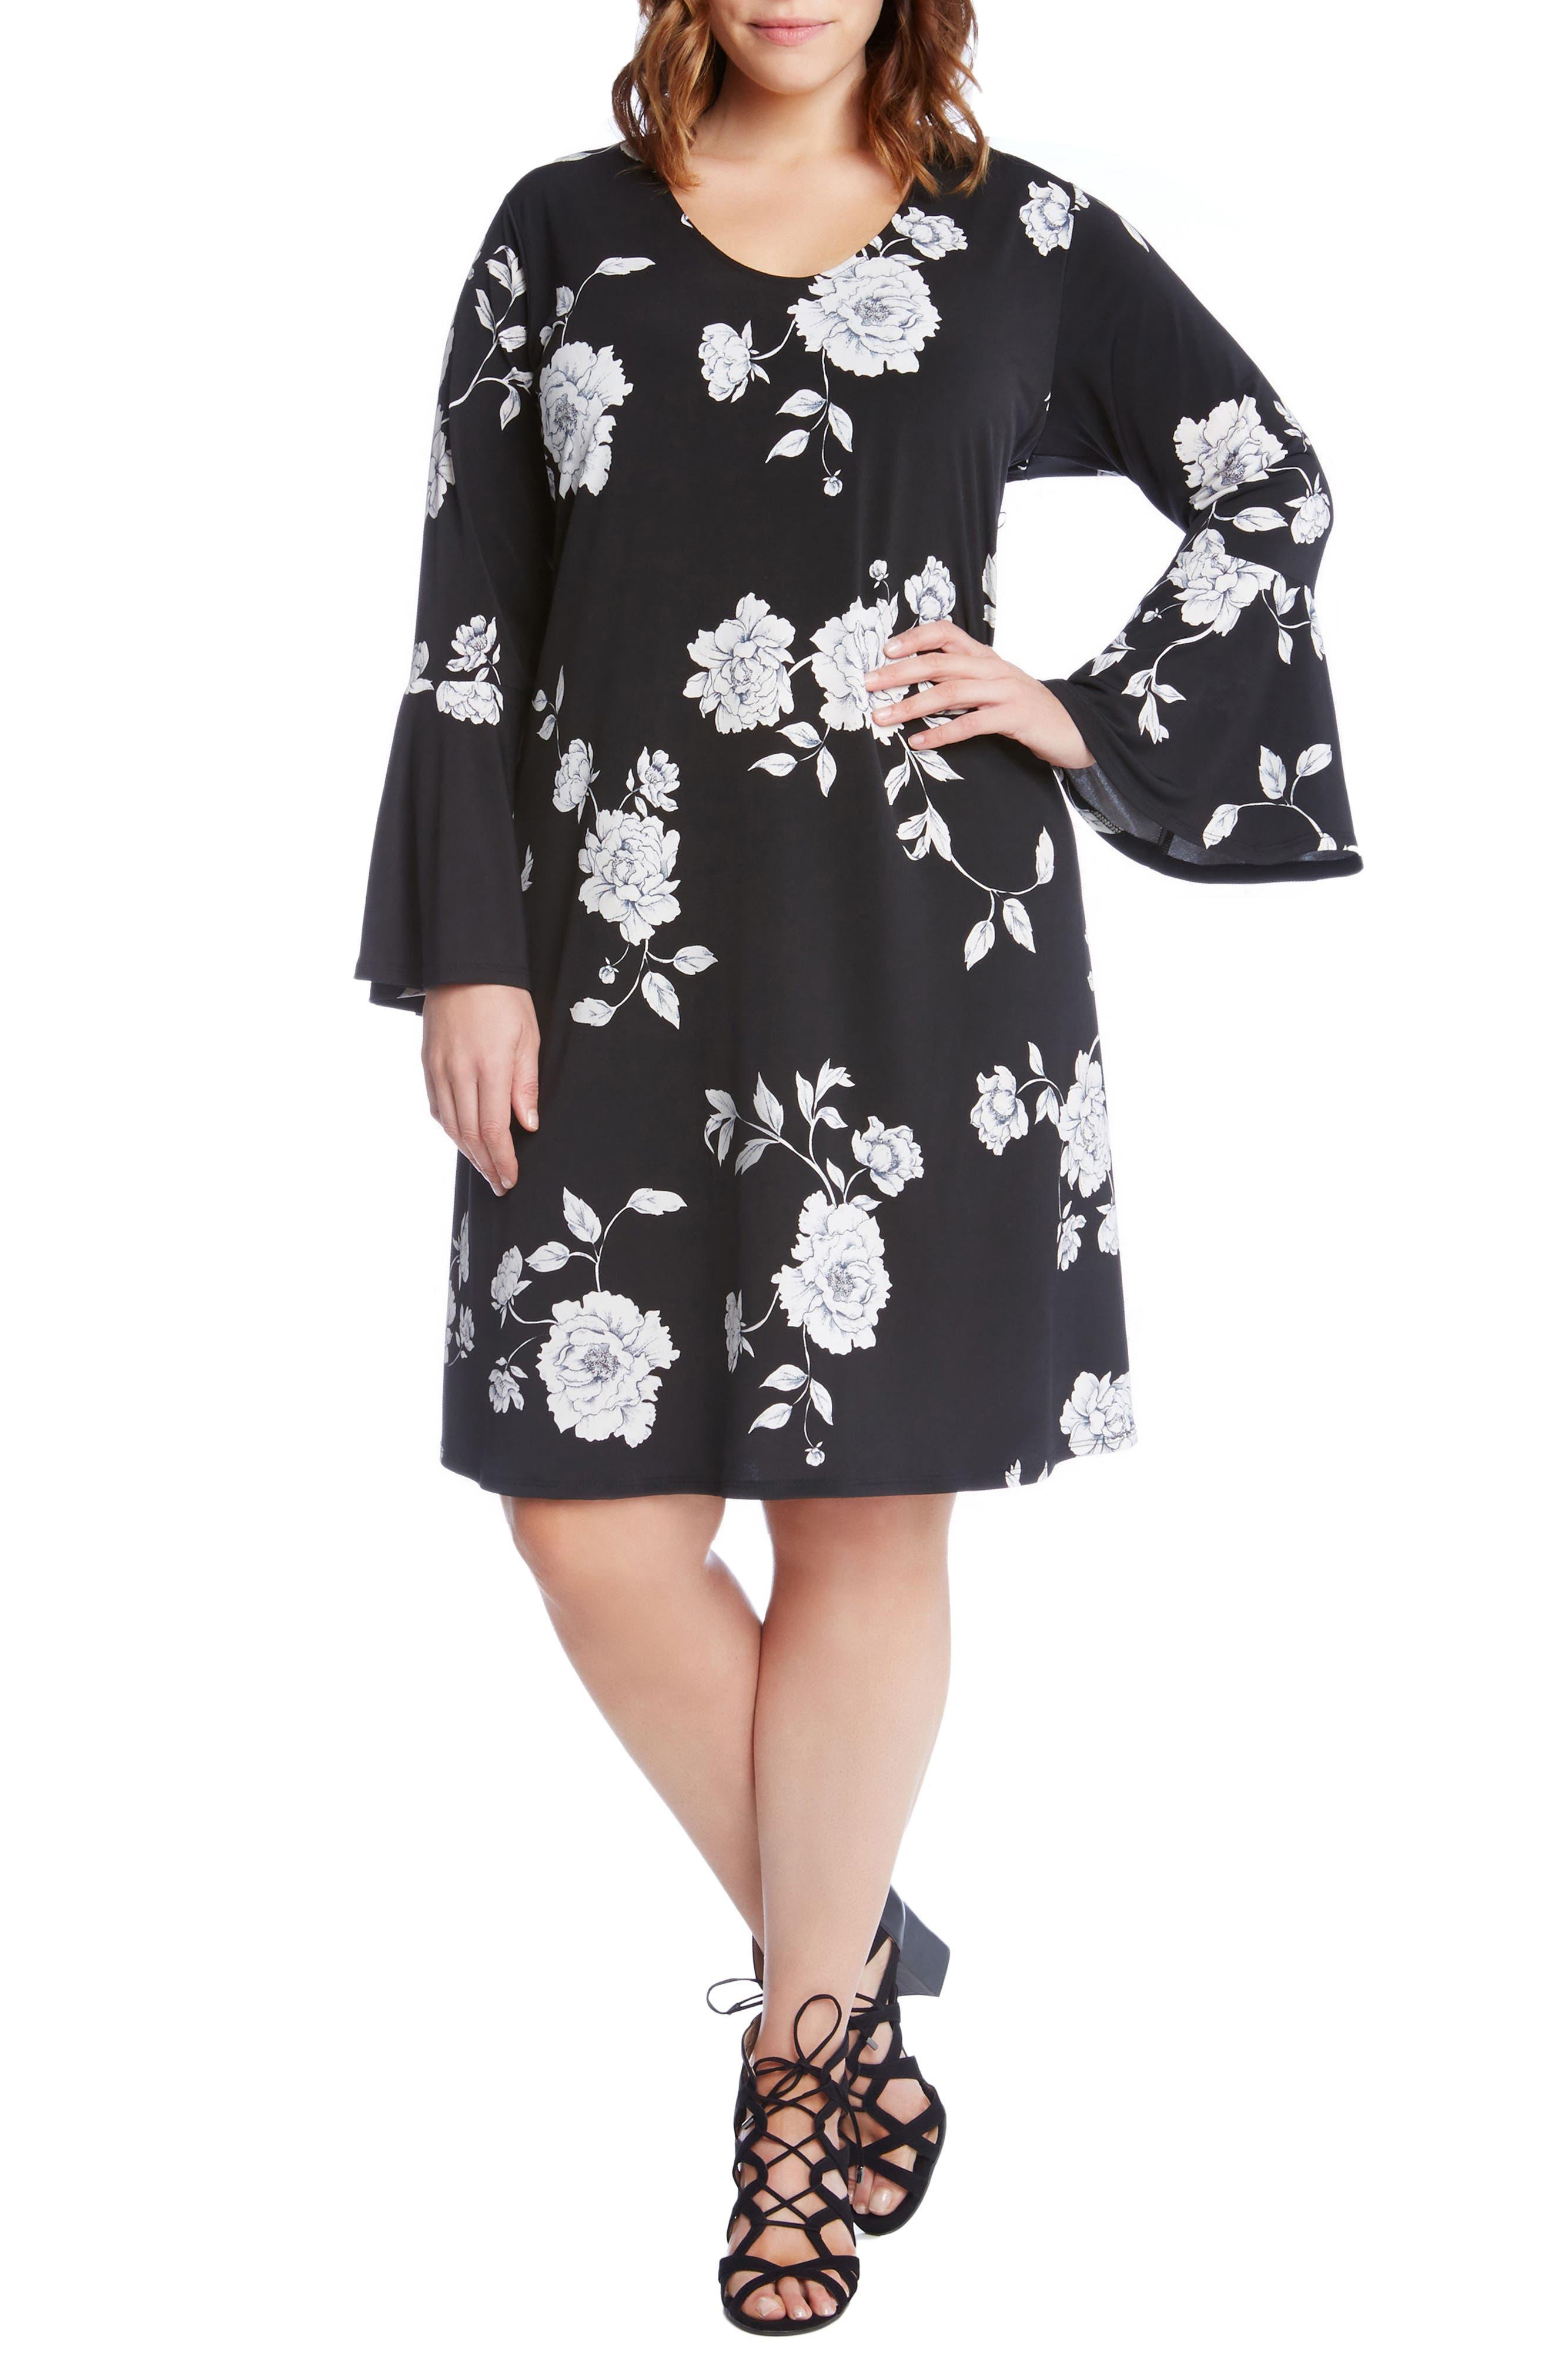 Main Image - Karen Kane Taylor Flare Sleeve Swing Dress (Plus Size)